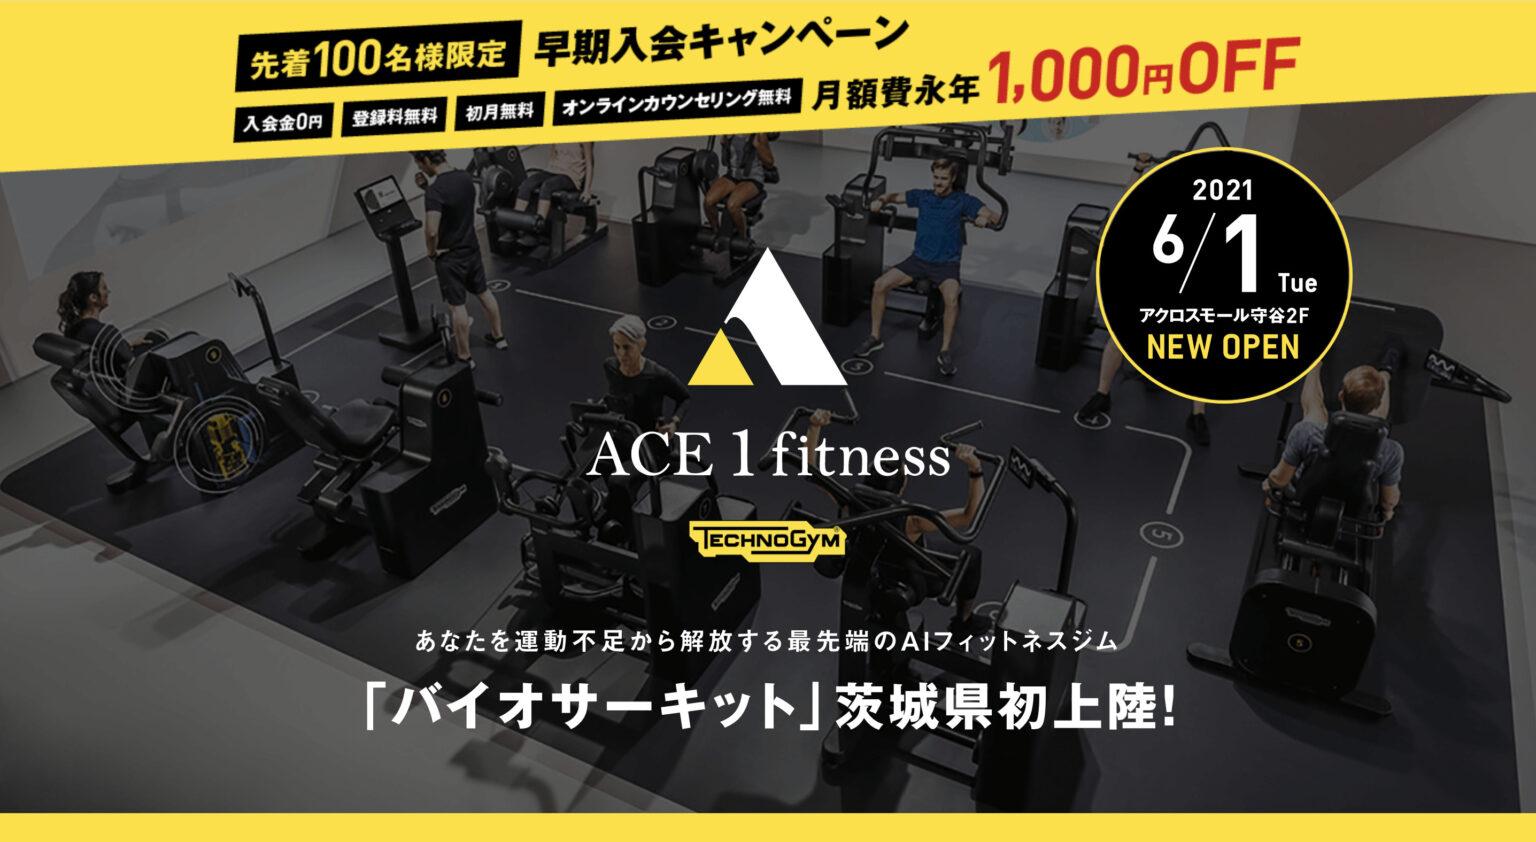 茨城県初上陸の最新AIマシン バイオサーキット!page-visual 茨城県初上陸の最新AIマシン バイオサーキット!ビジュアル